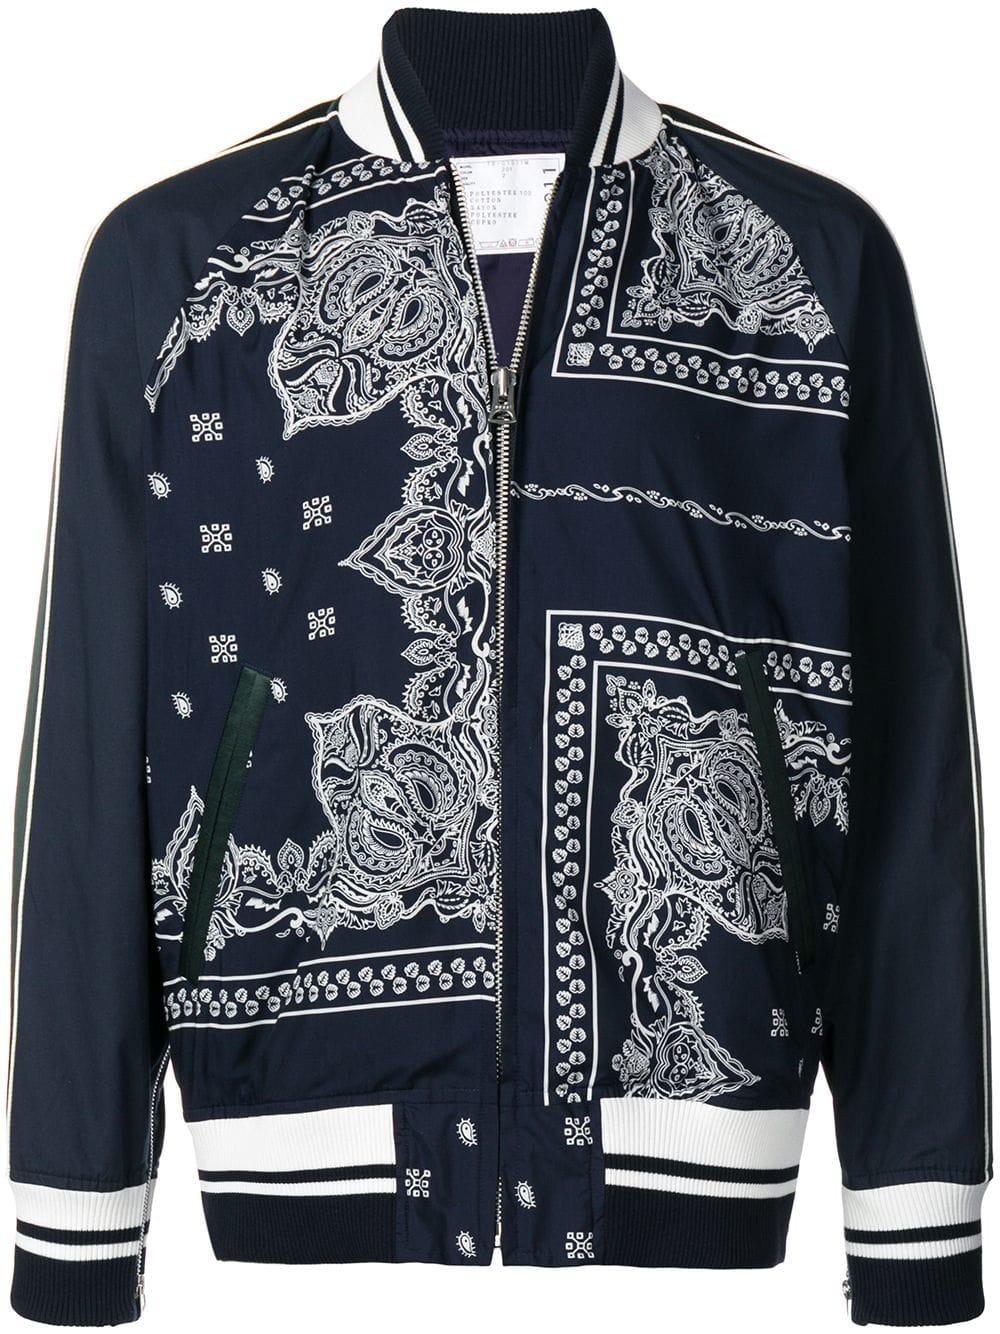 Sacai Sacai Bandana Printed Bomber Jacket Blue Sacai Cloth [ 1334 x 1000 Pixel ]